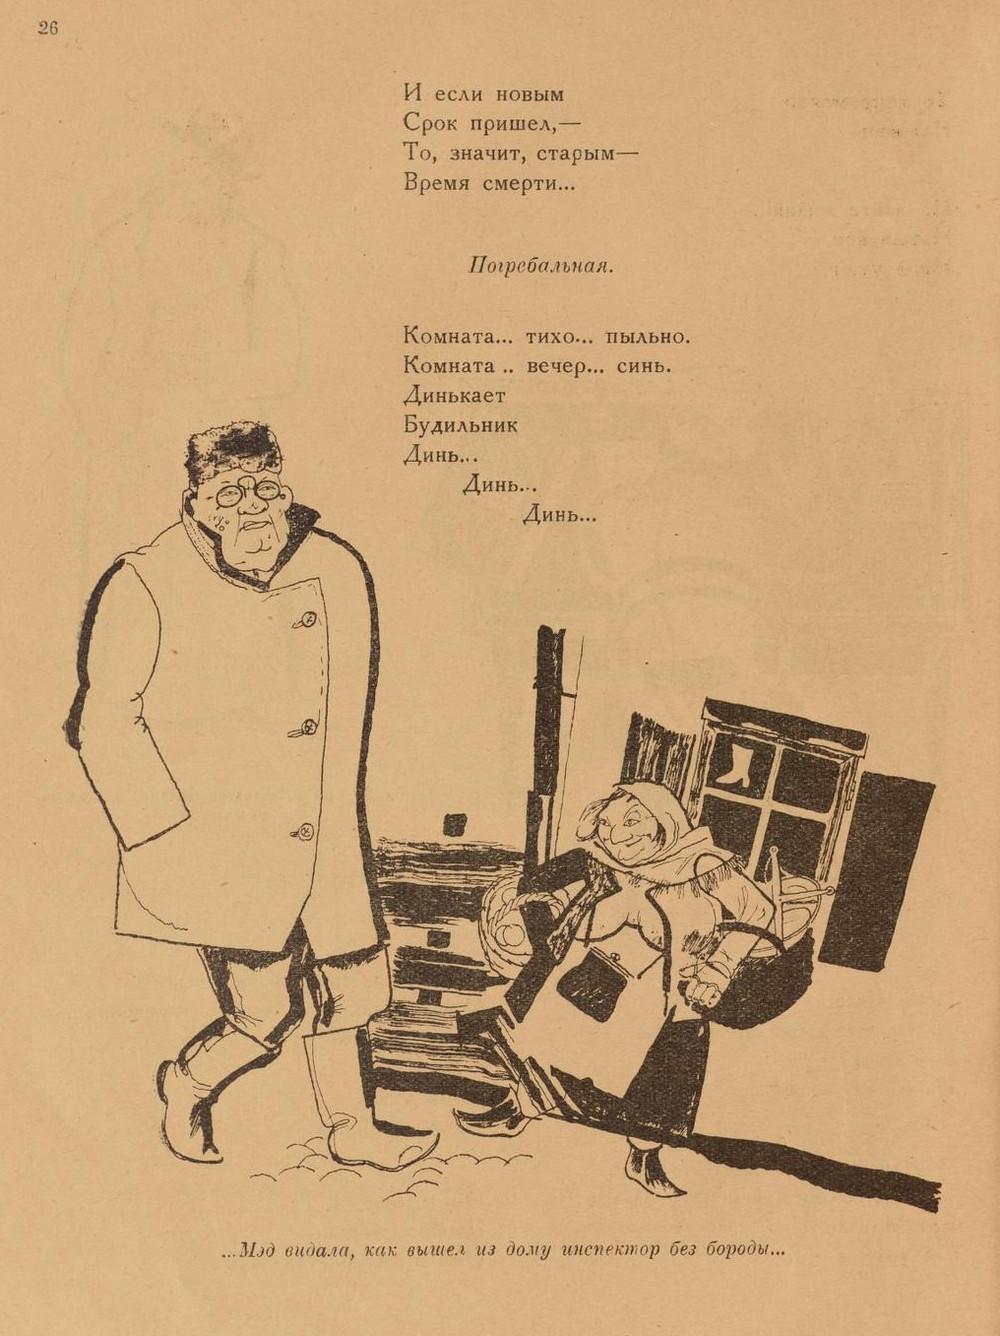 «Повесть о рыжем Мотэле, господине инспекторе, раввине Иссайе и комиссаре Блох» (1926 год) 24